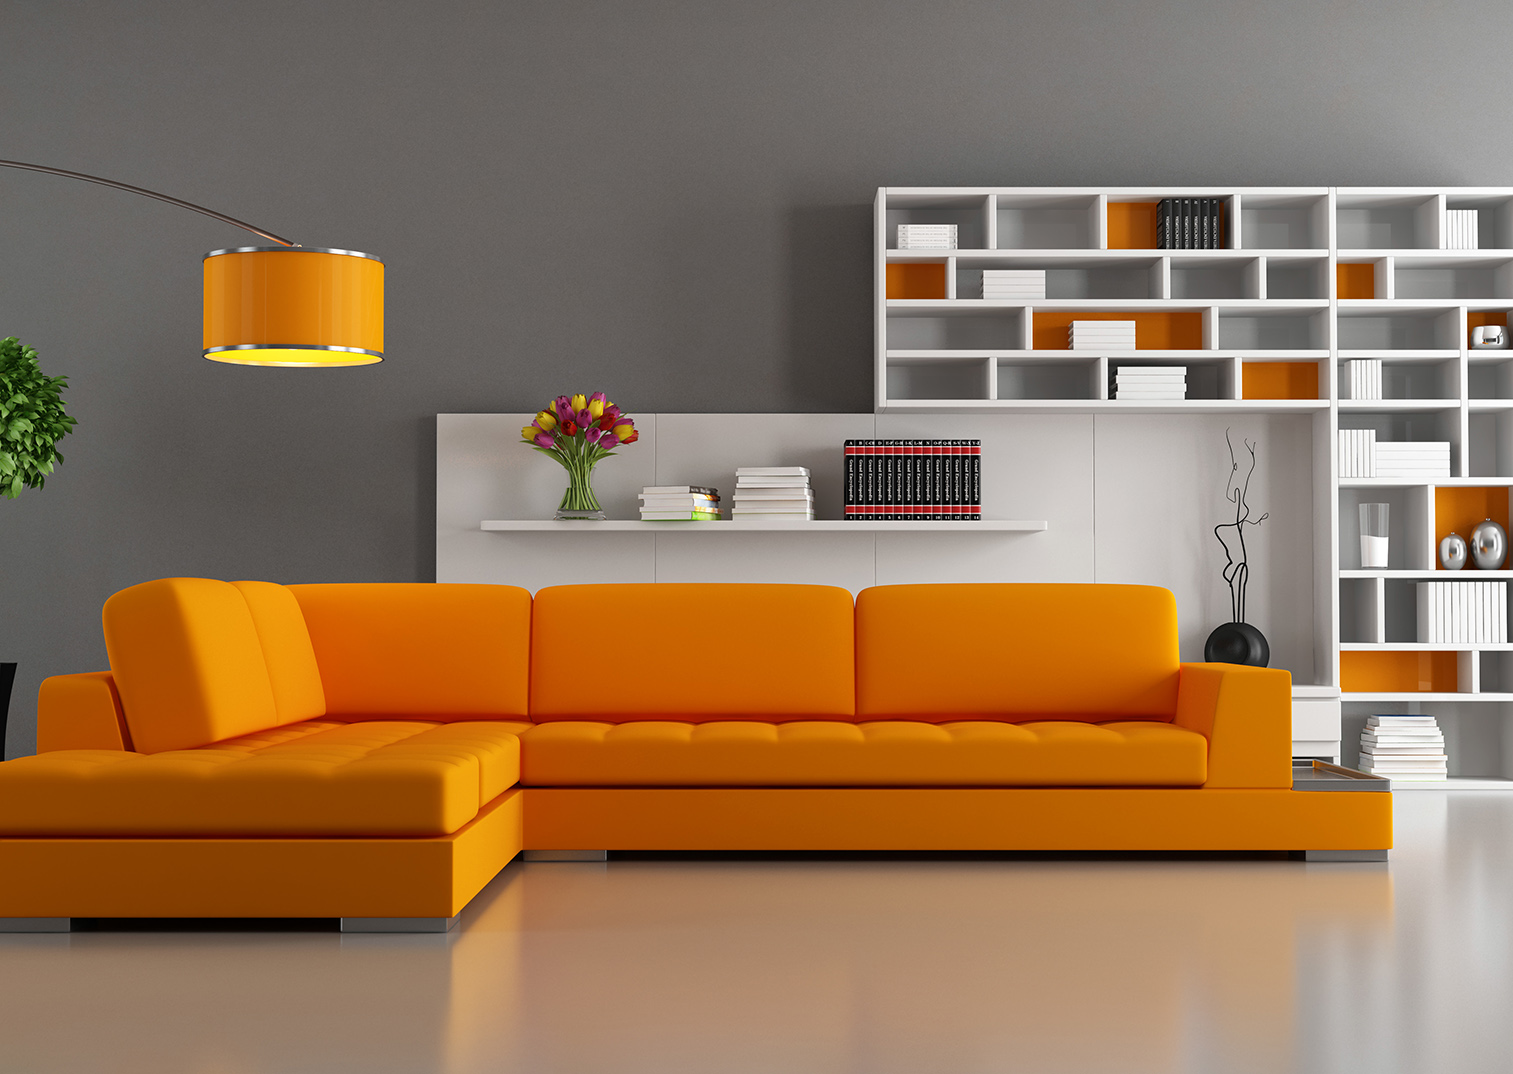 Tu tienda de muebles de verdad muebles casanova - Muebles casanova catalogo ...